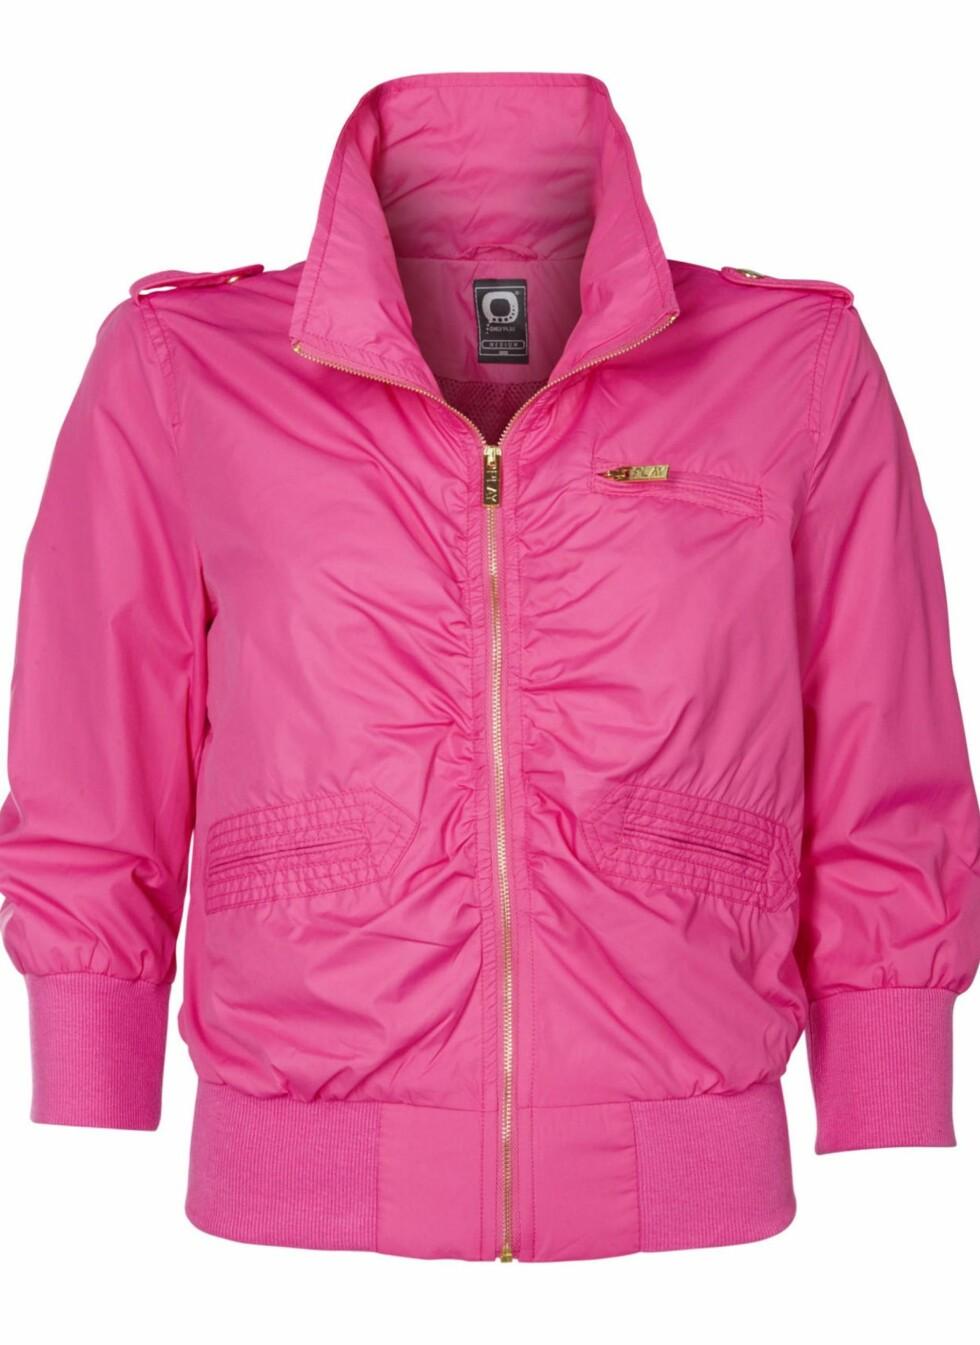 Knallrosa jakke i teknisk materiale. Perfekt til en aktiv sommer! (kr 400, Only).